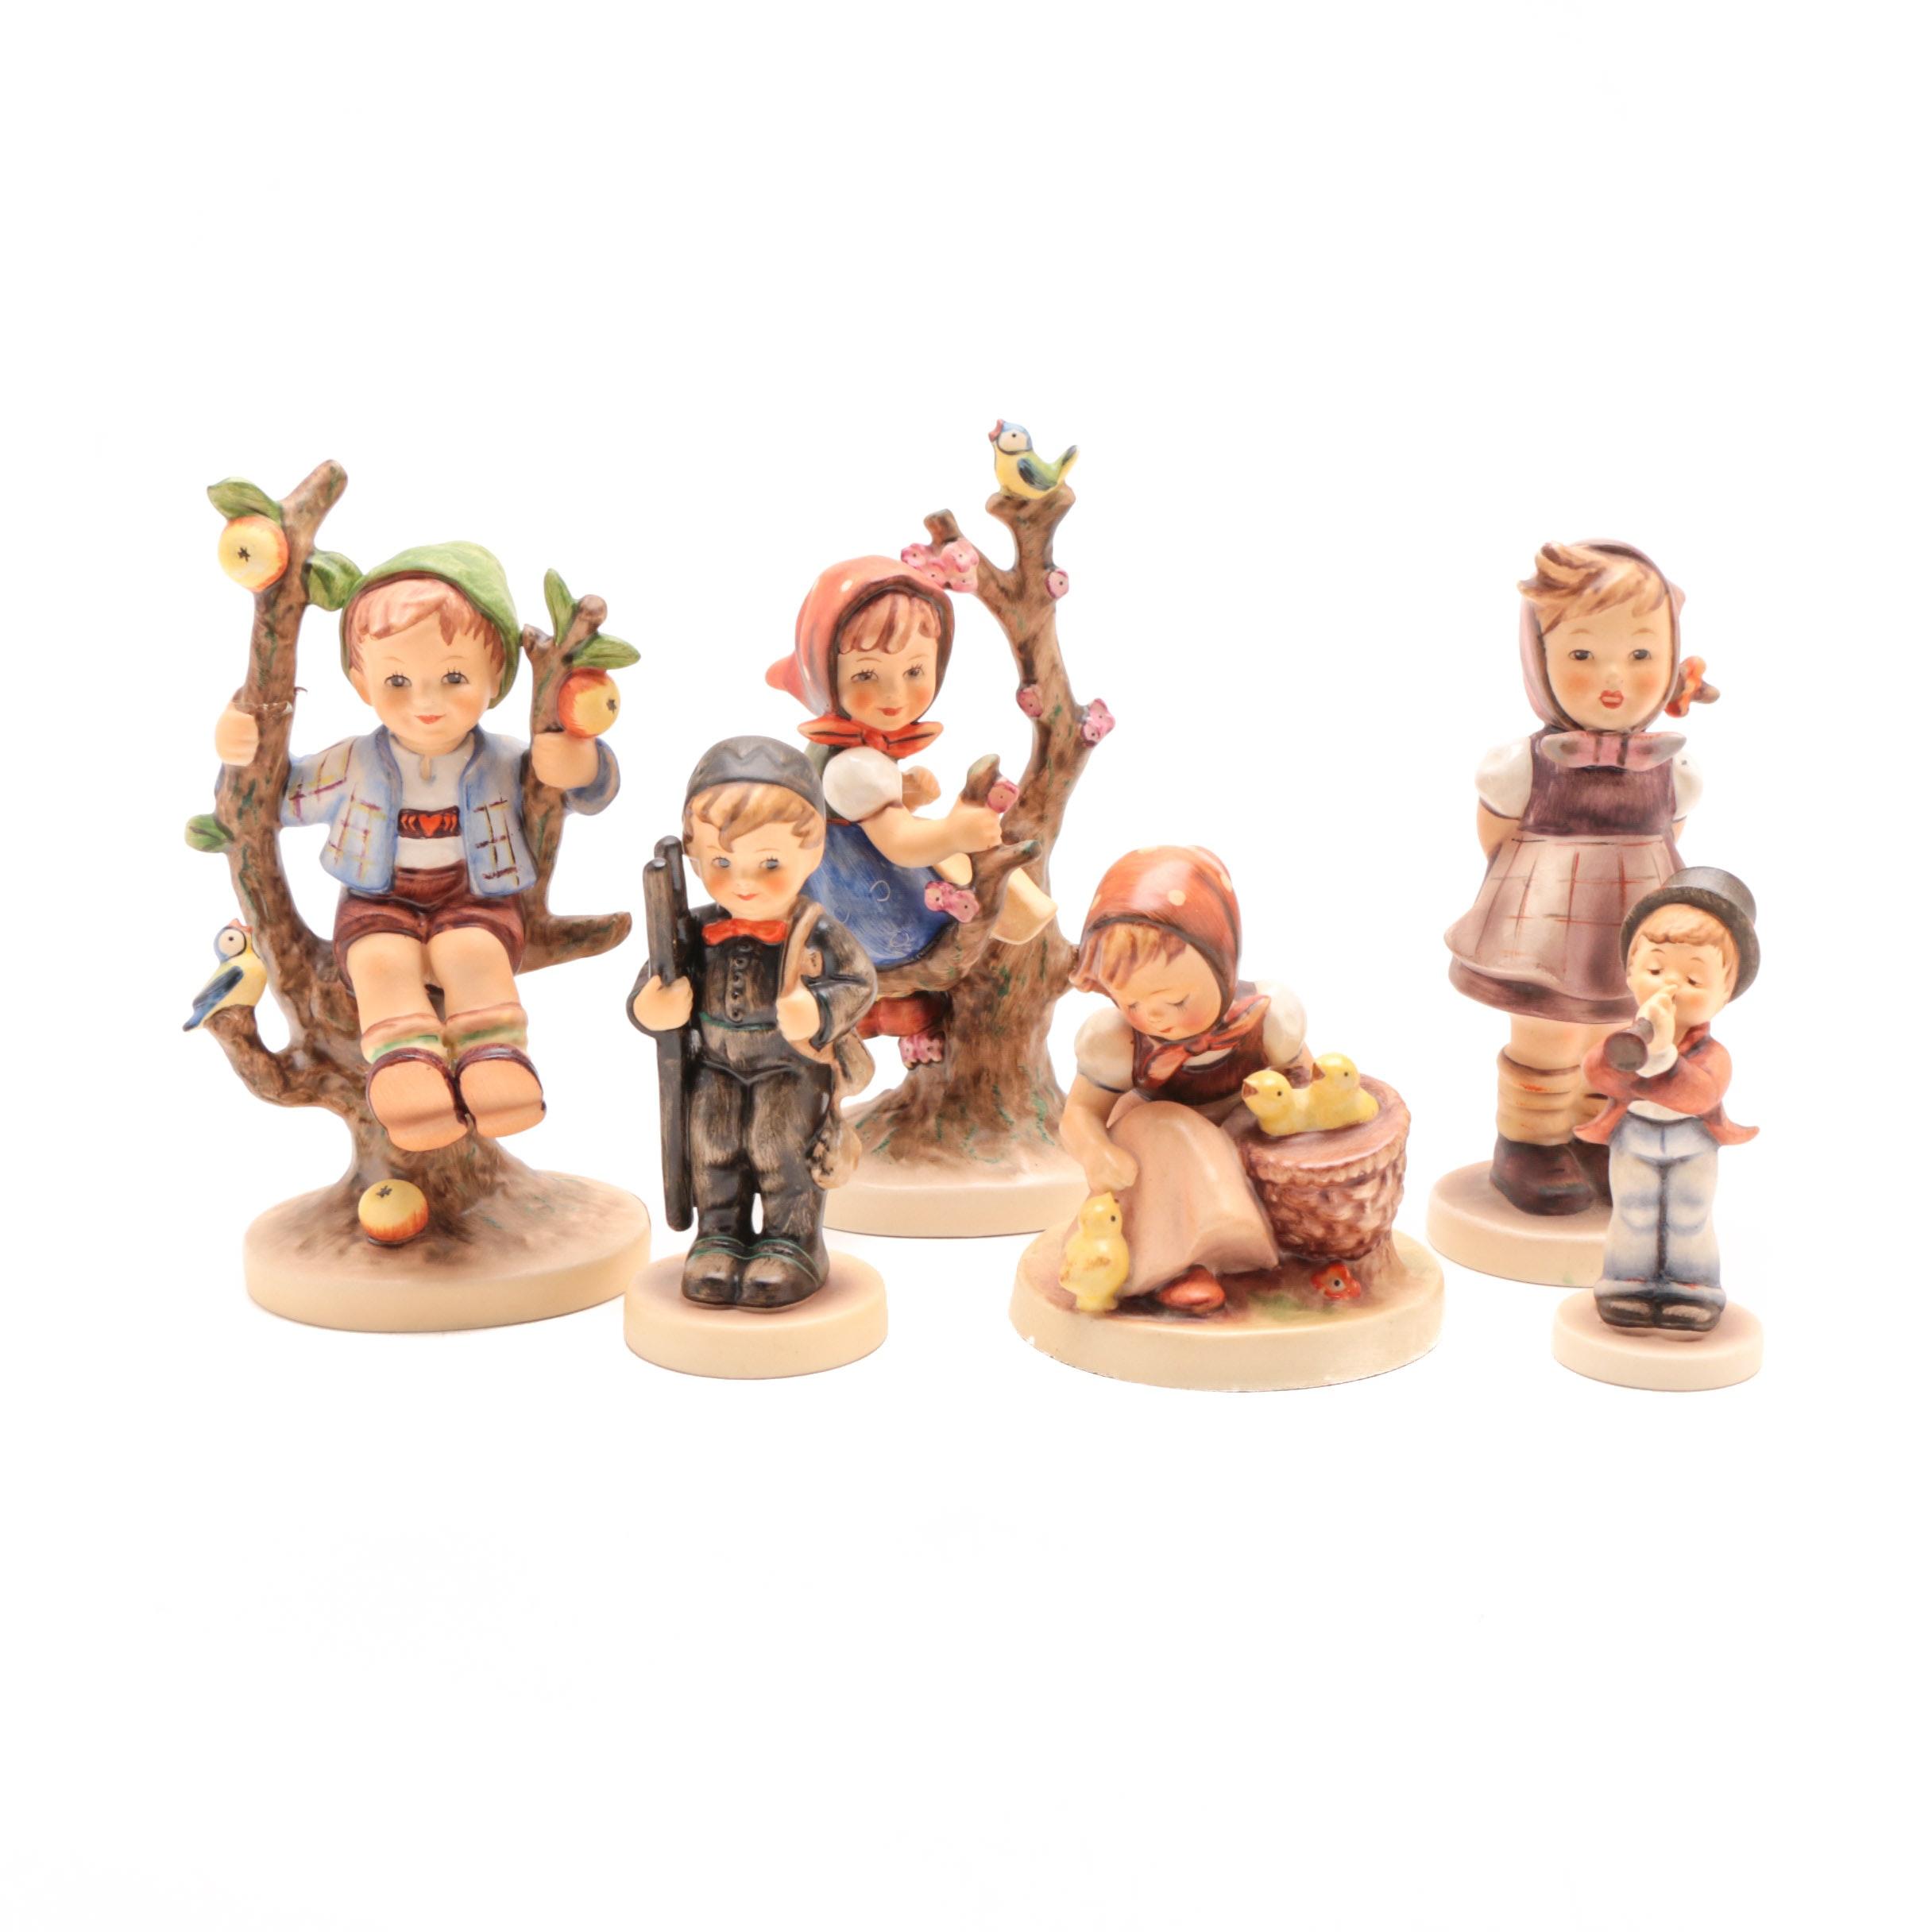 Vintage Goebel Porcelain Figurines Including Early Hummel